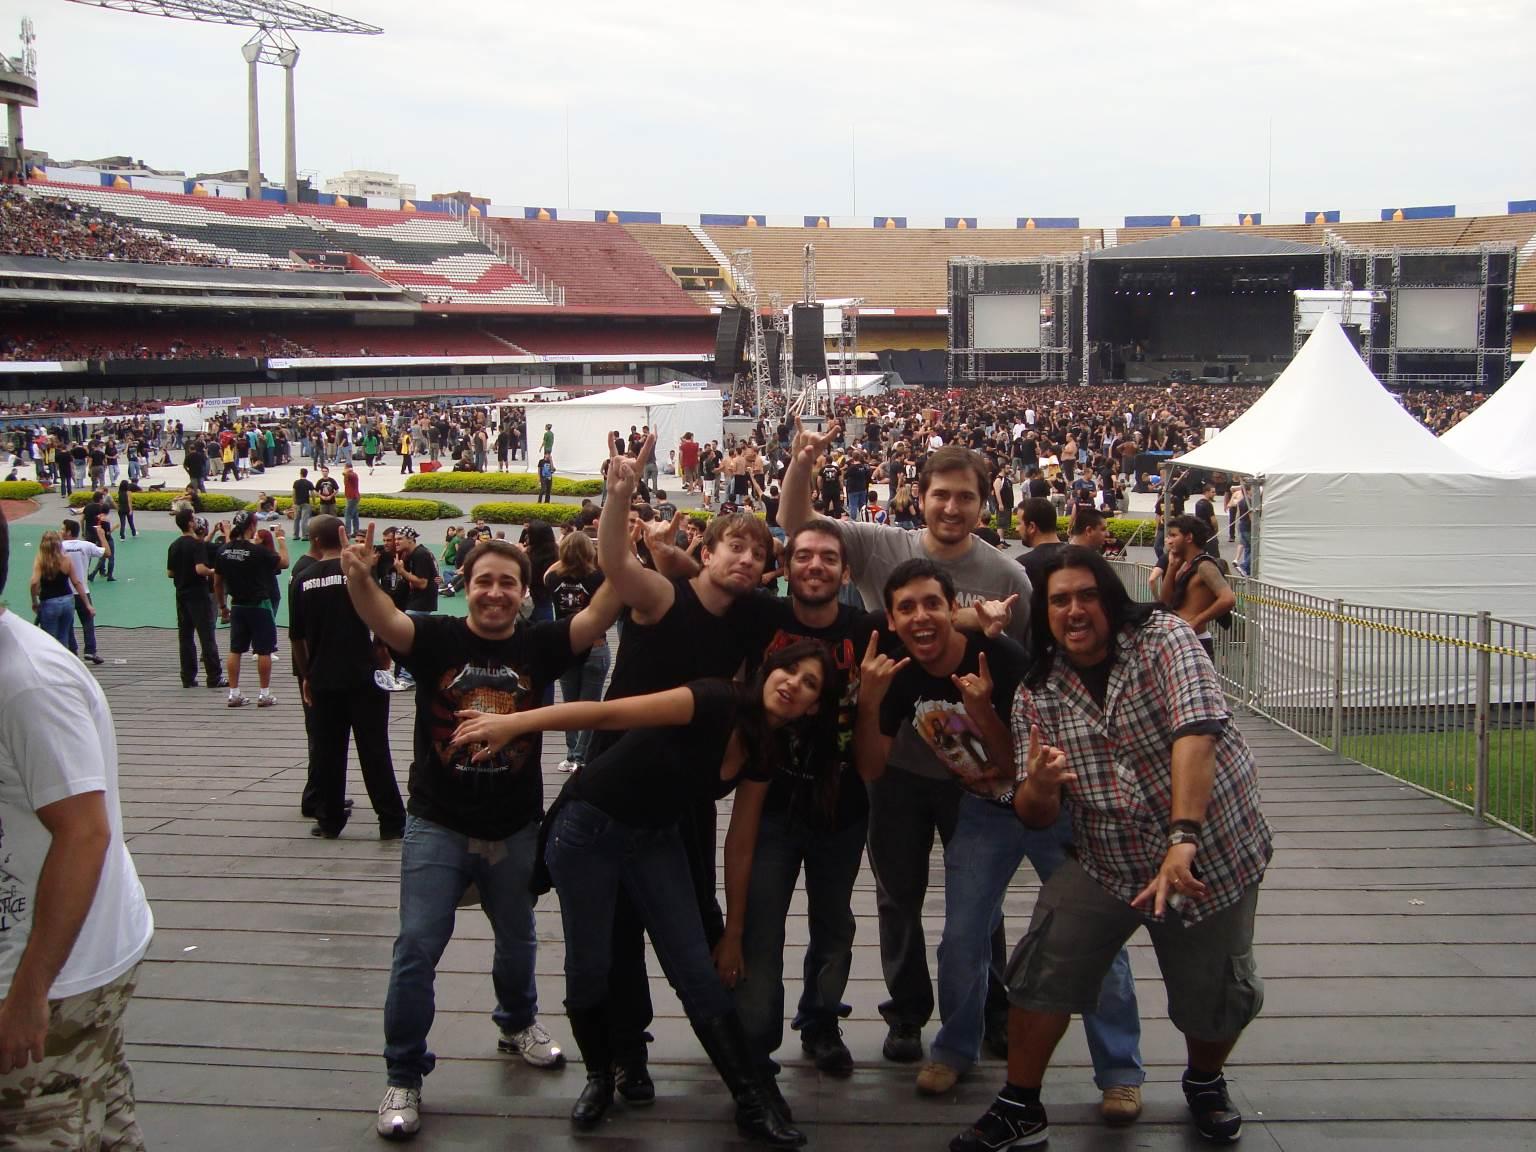 Show do Metallica - 2010